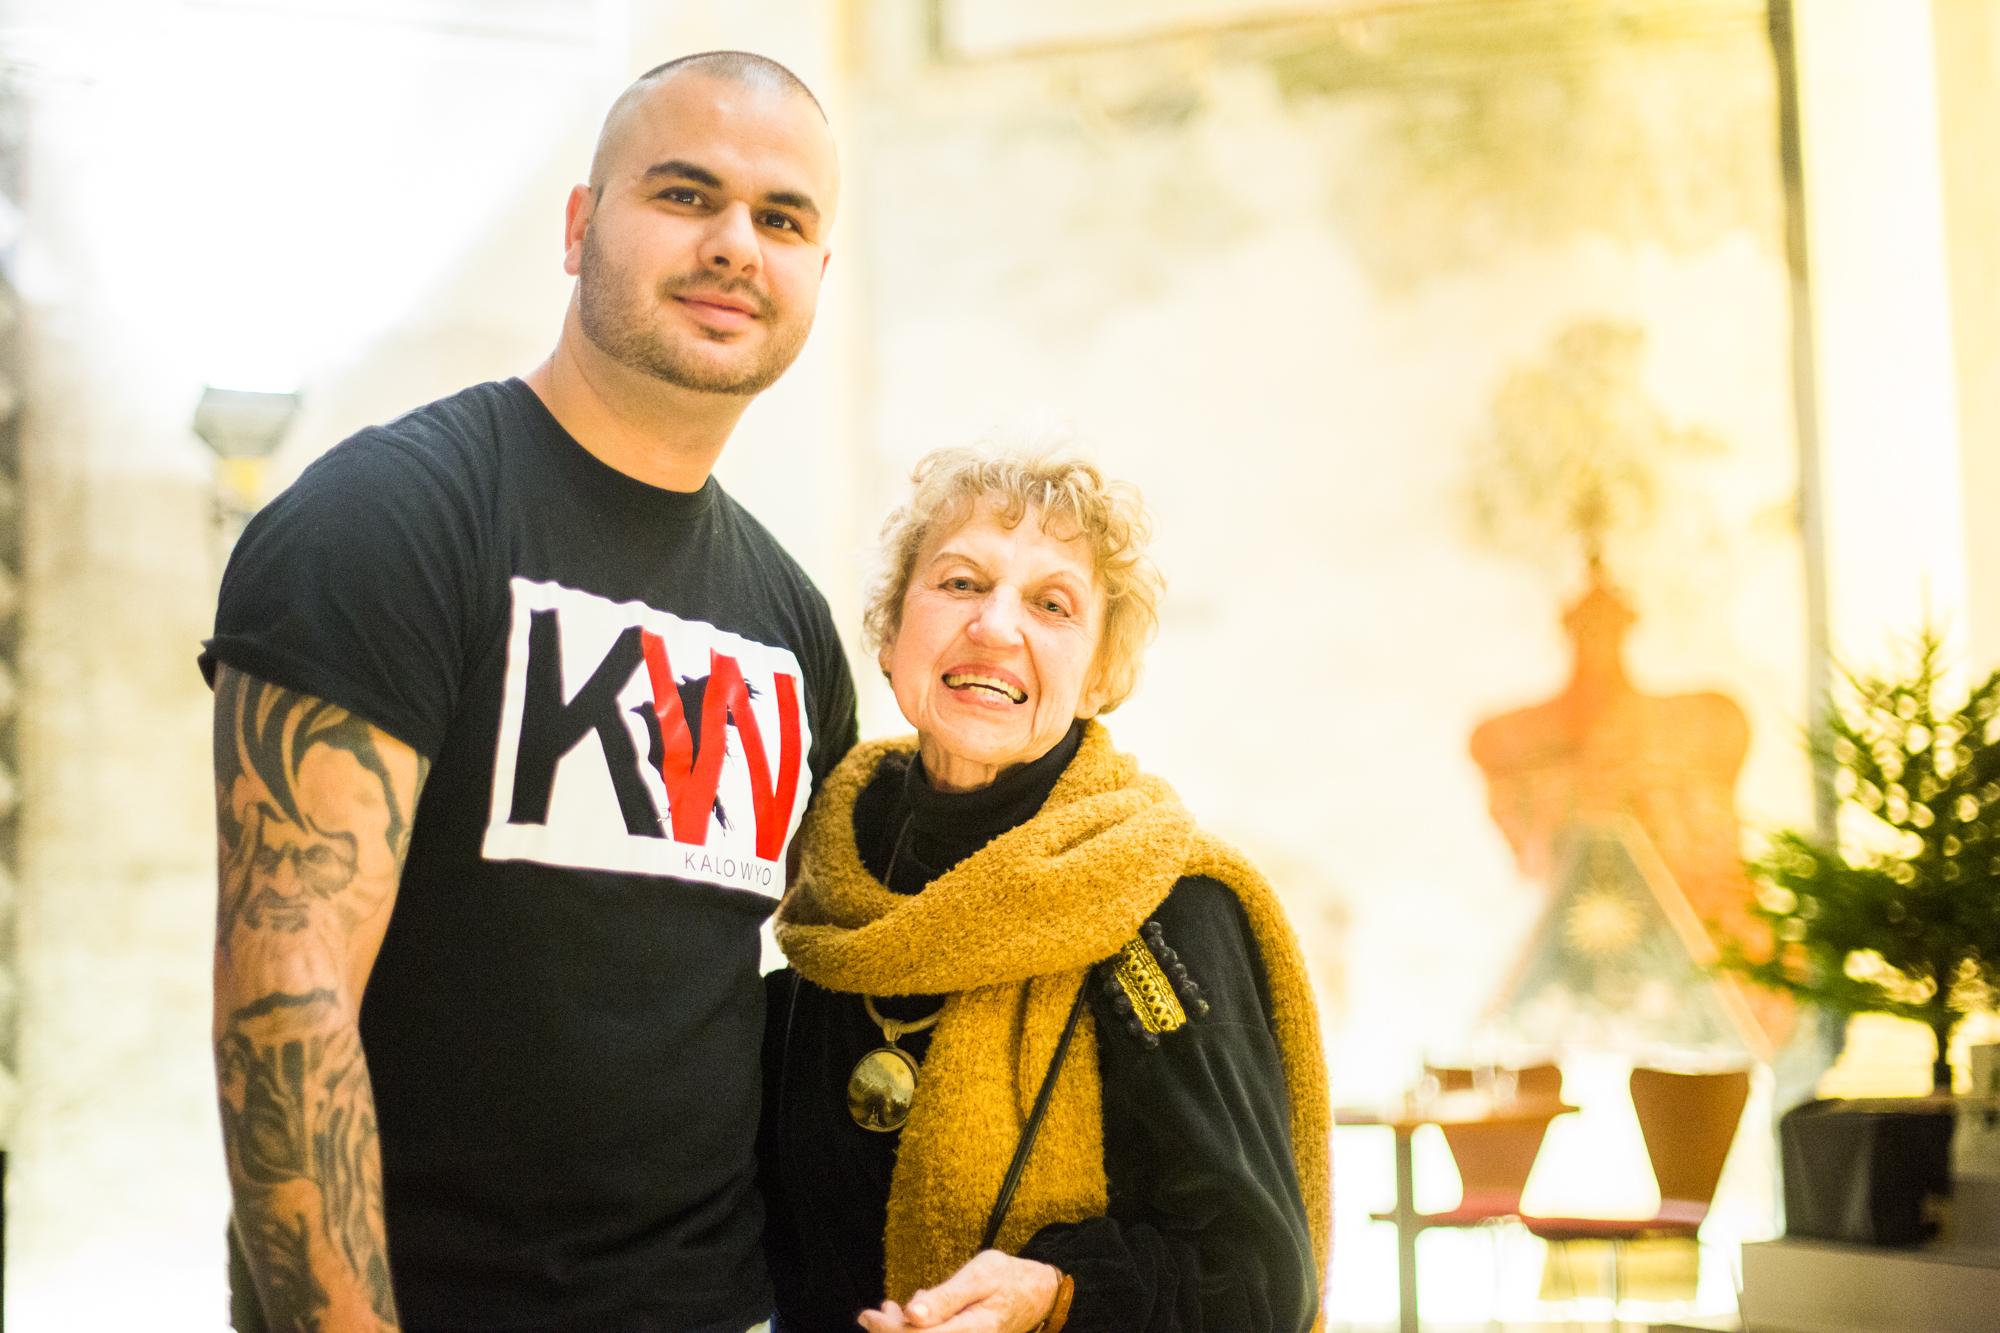 Paní Eva Davidová a rapper Kalo Wyo